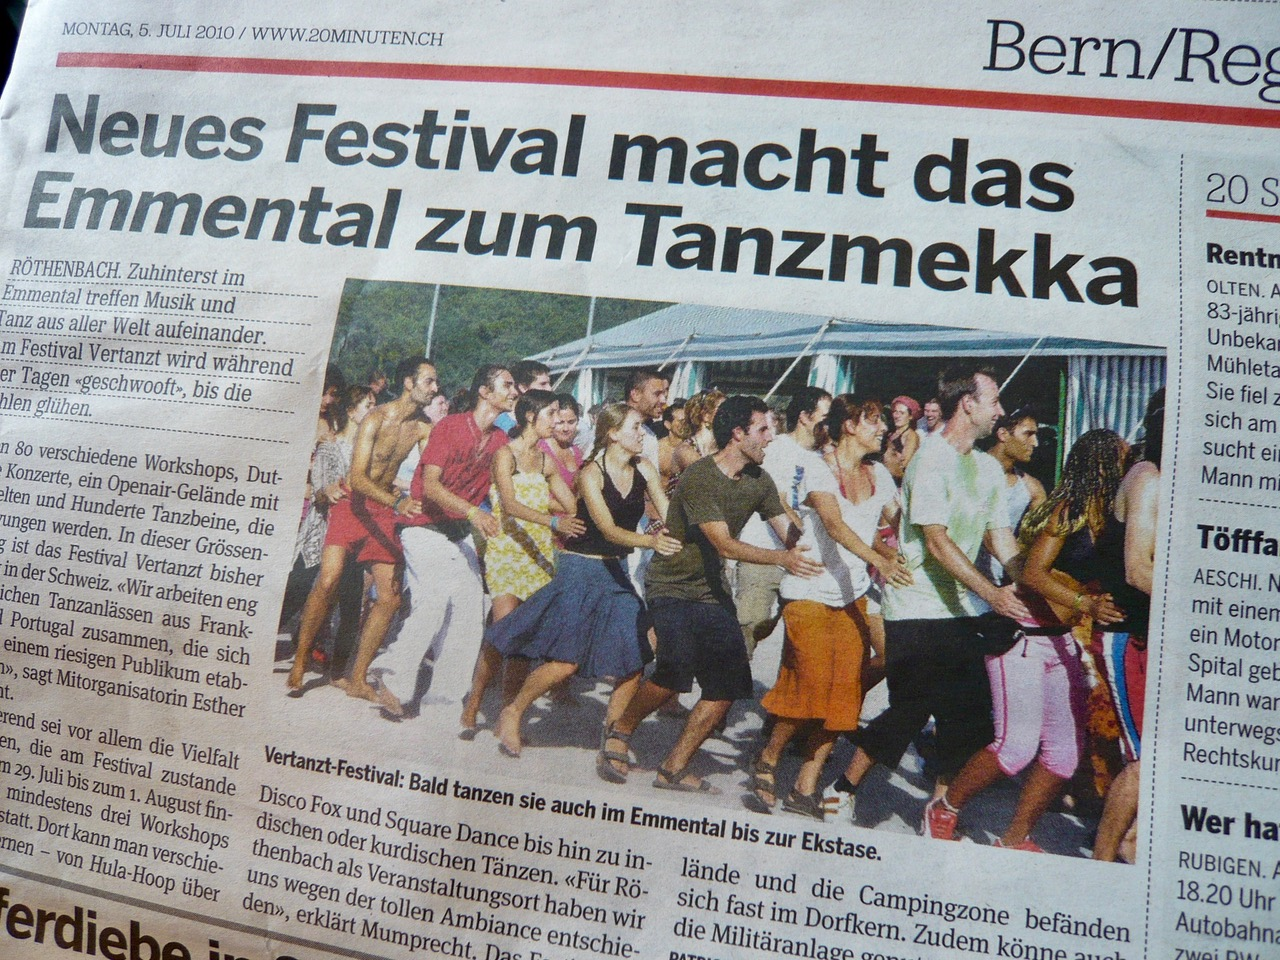 mark_benecke_herbert_hoffmann_schweiz - 13.jpeg